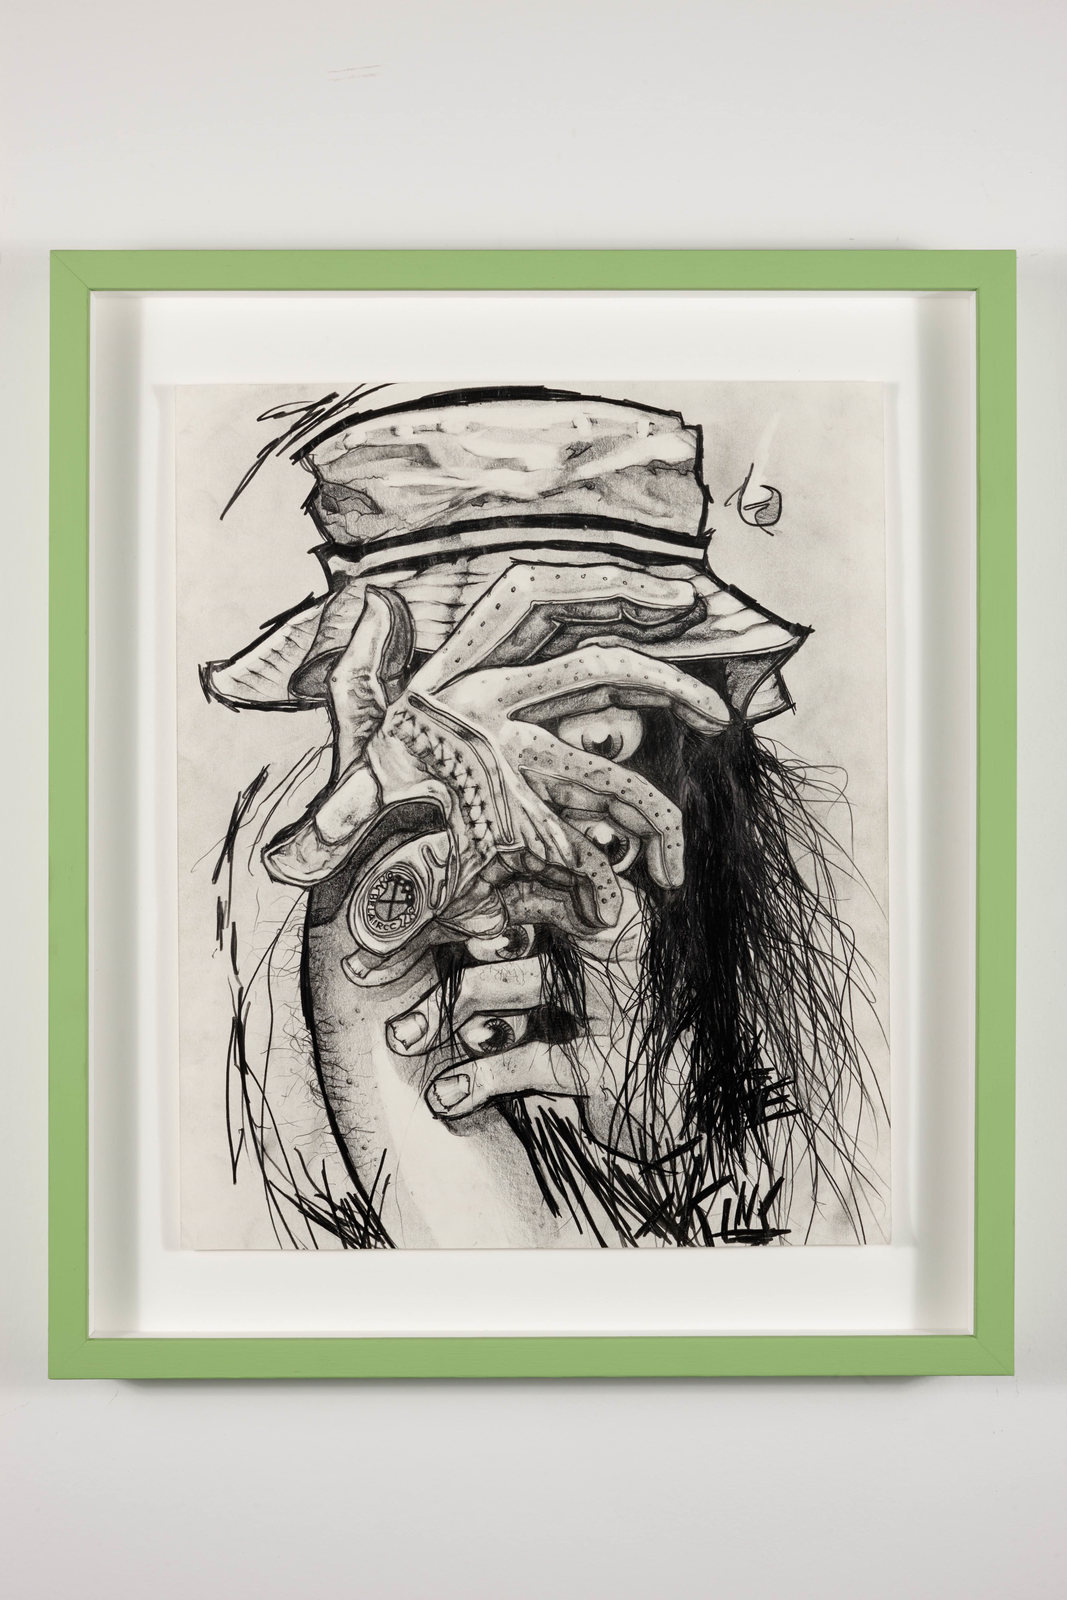 Louis Eisner - Foreskin, 2016